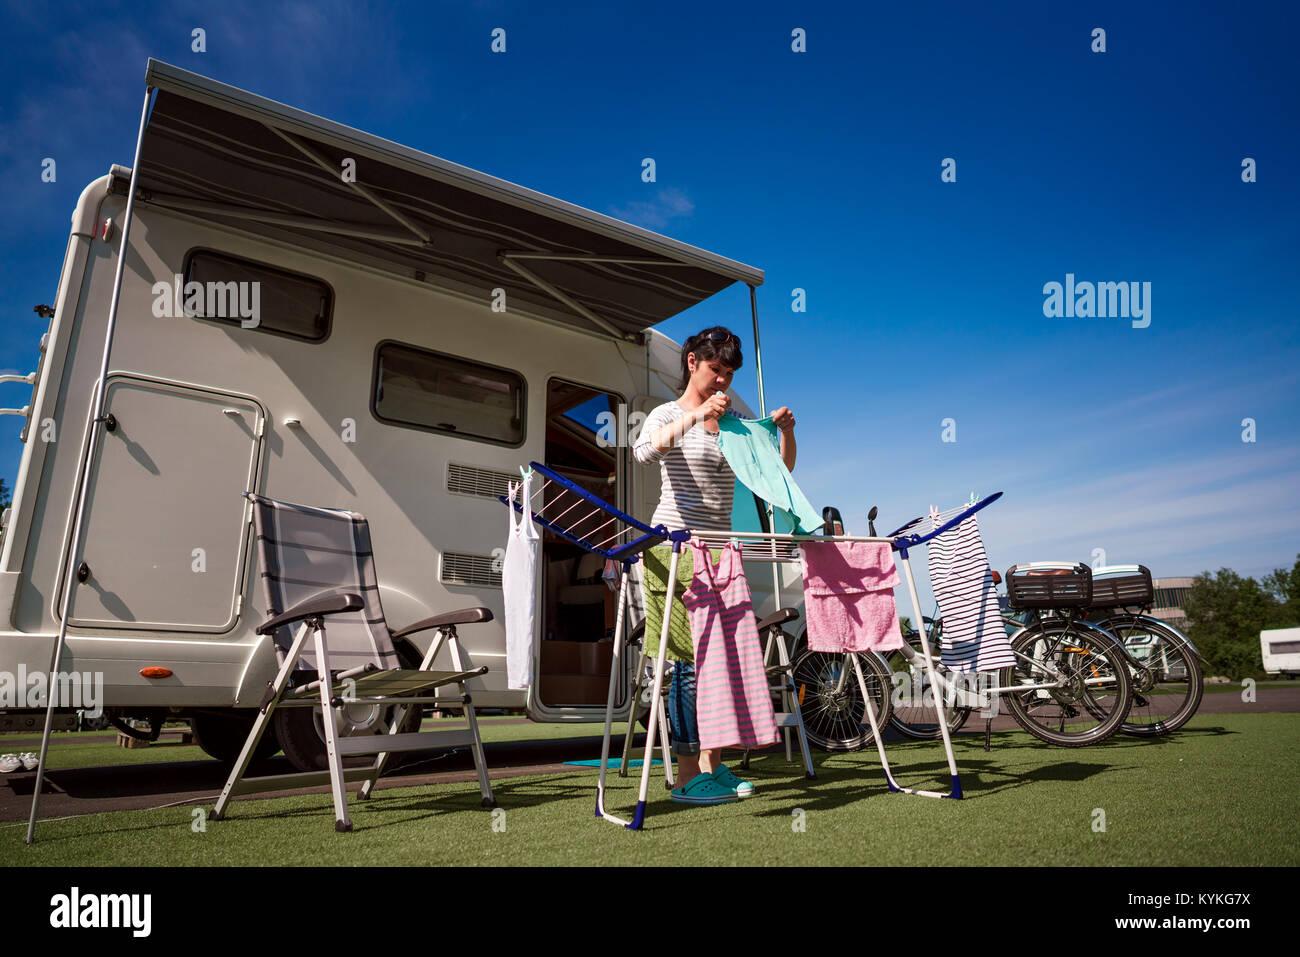 Großartig Trockner A Ideen Von Waschmaschine Auf Einem An Einem Campingplatz. Caravan